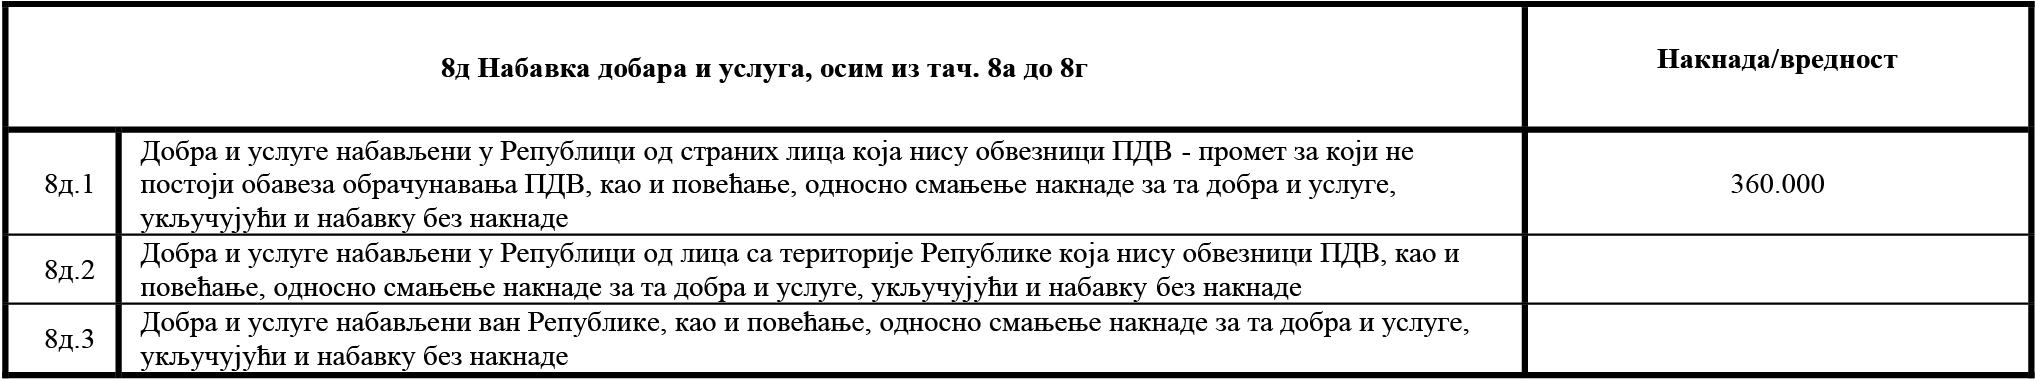 uputstvo PU obrazac POPDV primer 114